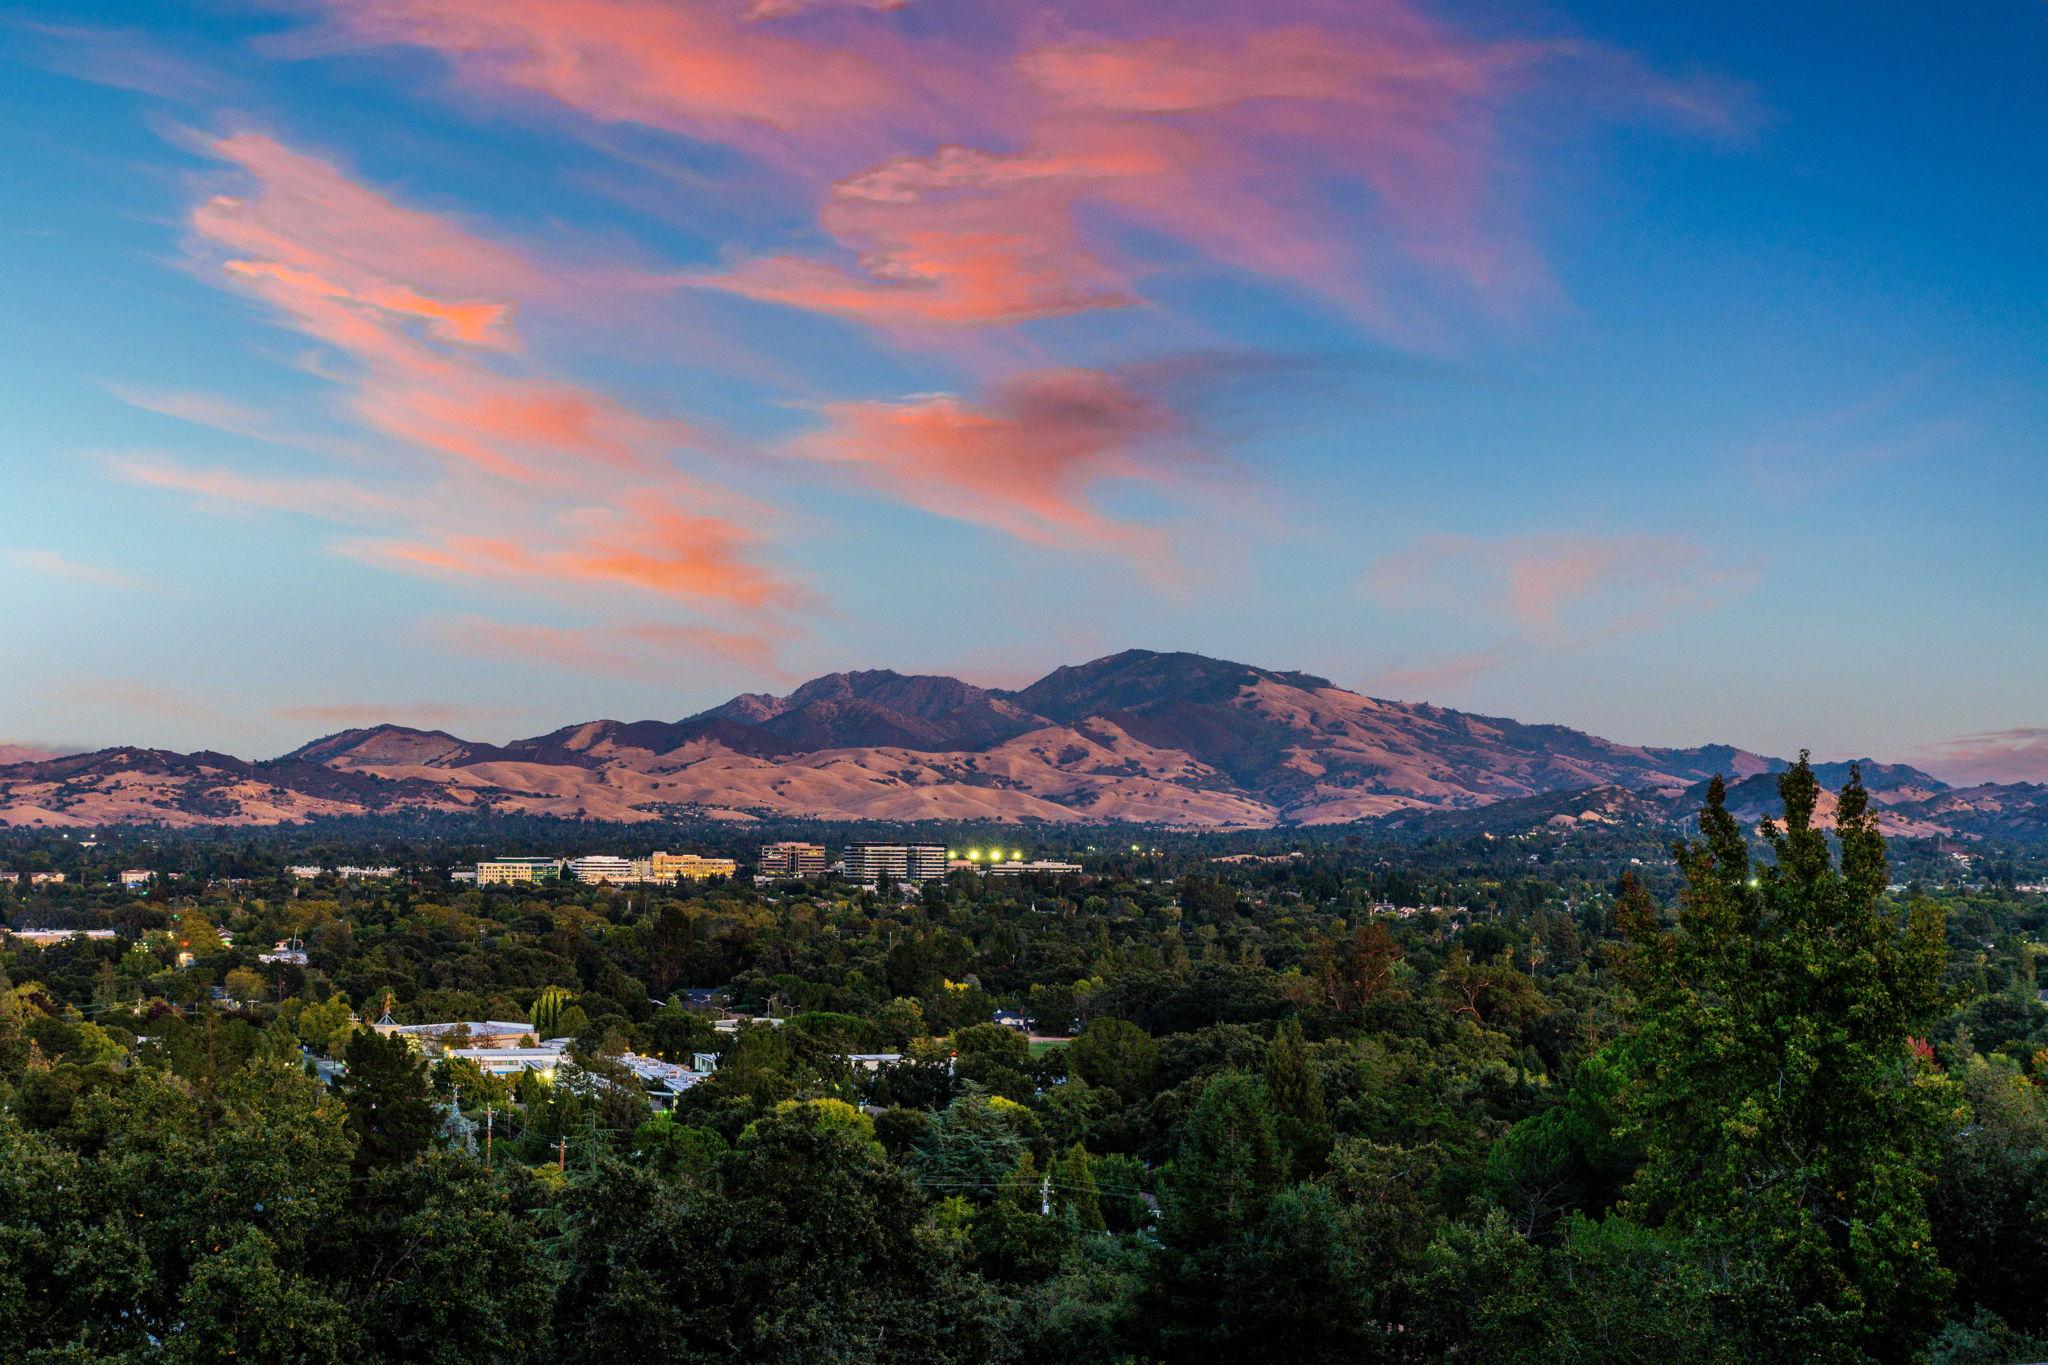 Stately Mt Diablo - take a hike